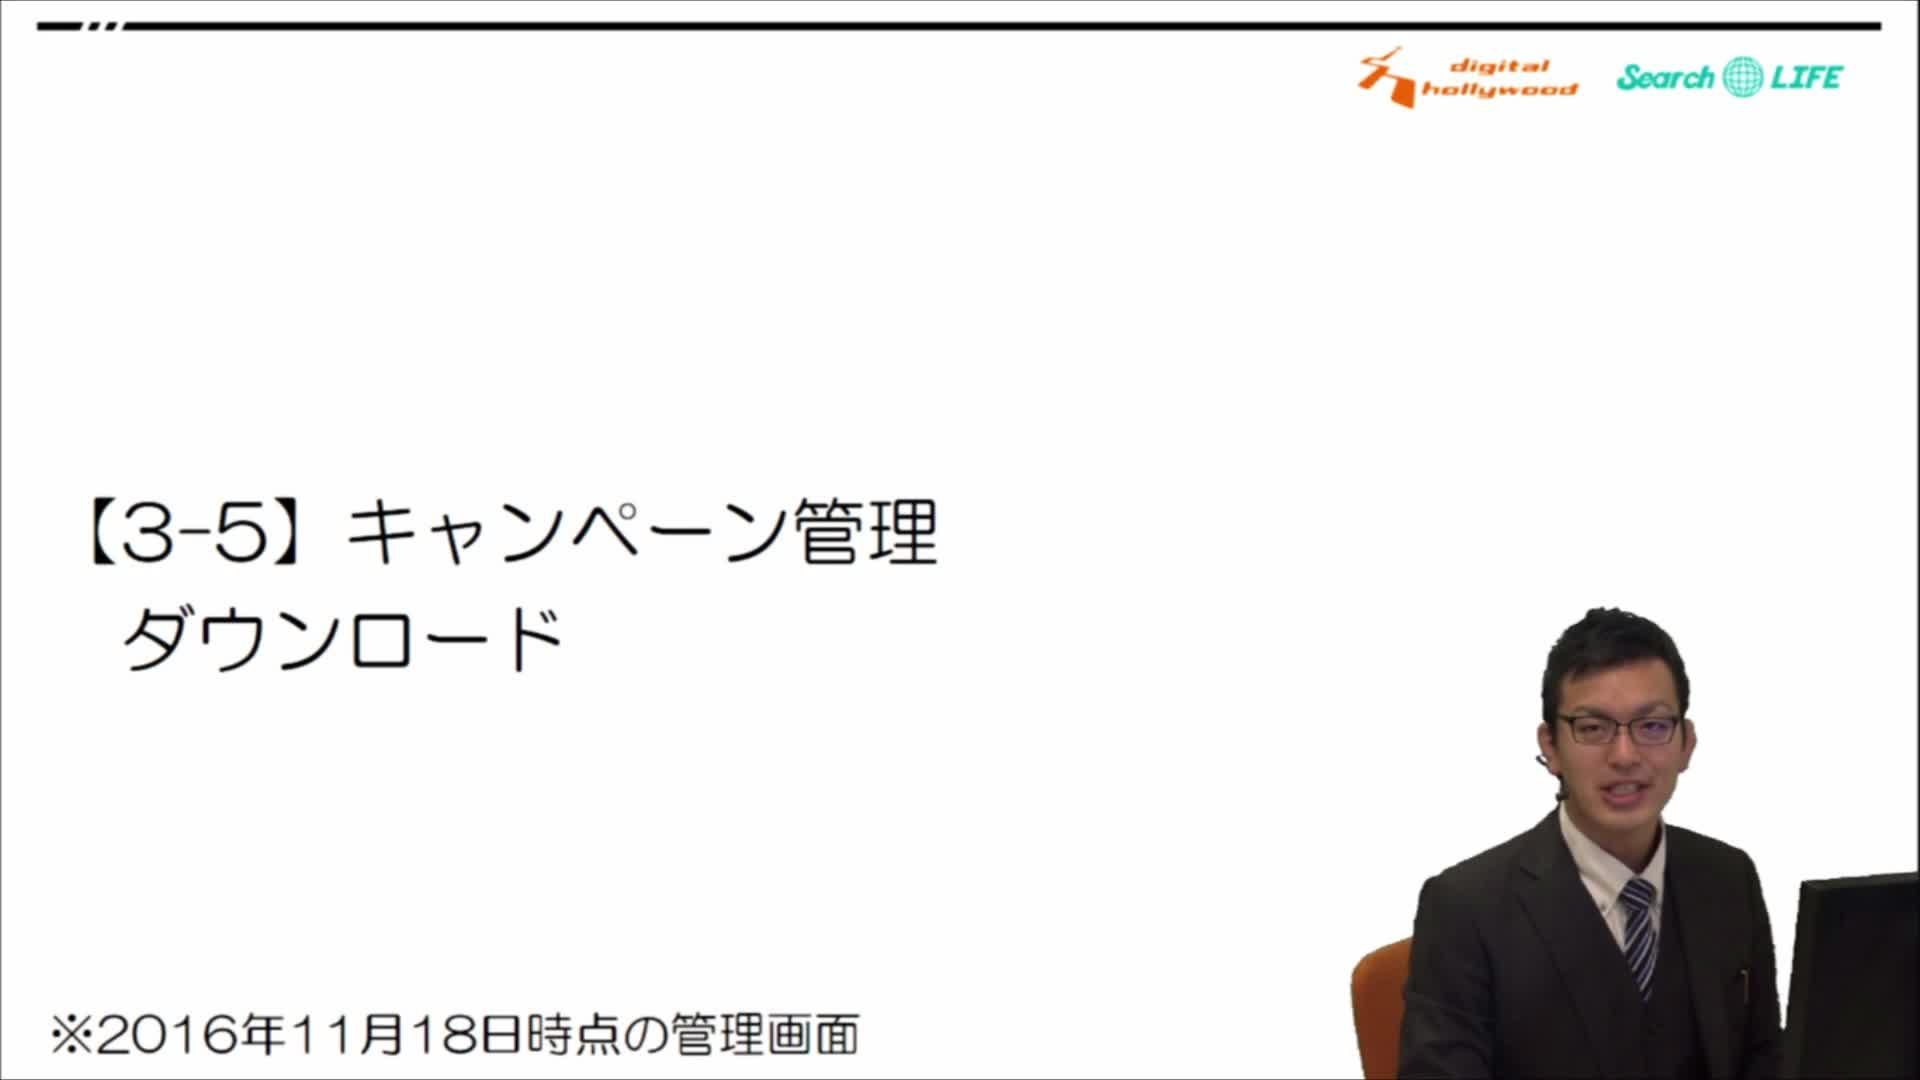 キャンペーン管理_ダウンロード